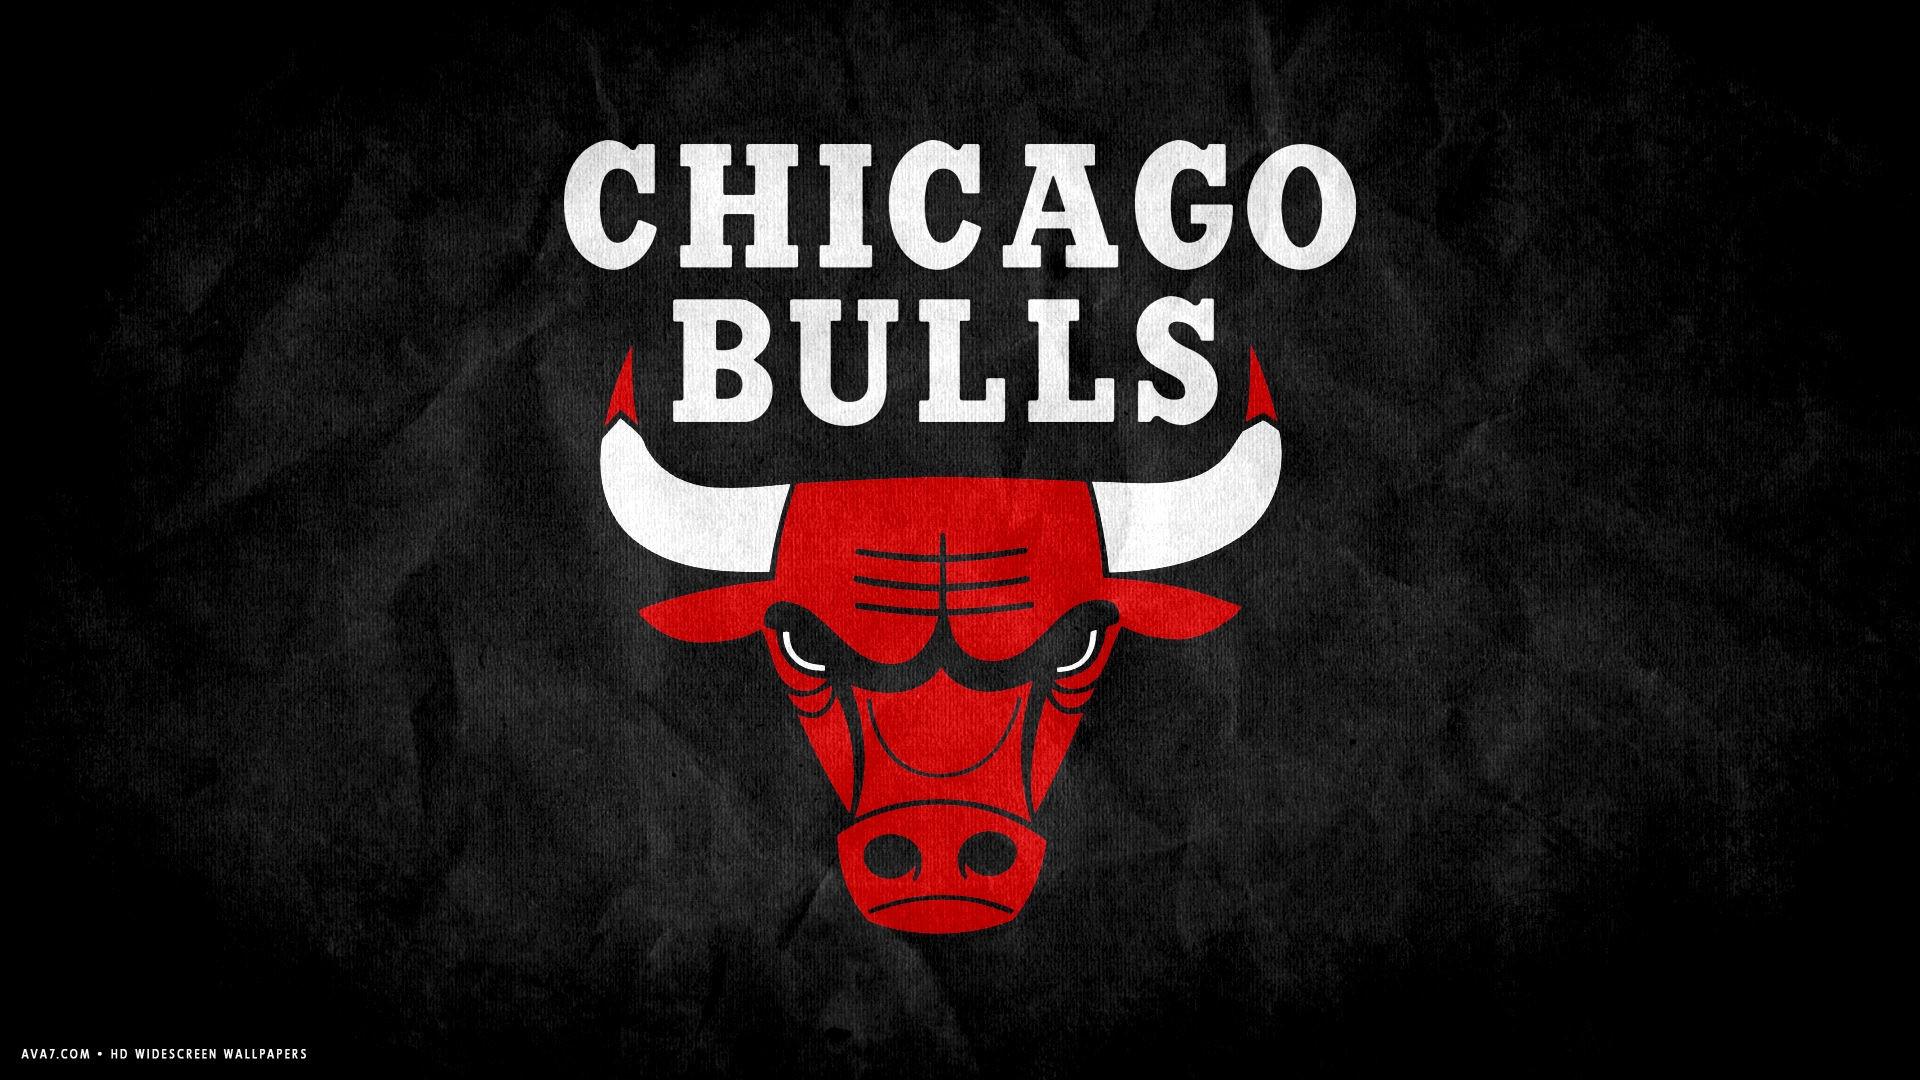 … chicago bulls nba basketball team hd widescreen wallpaper …